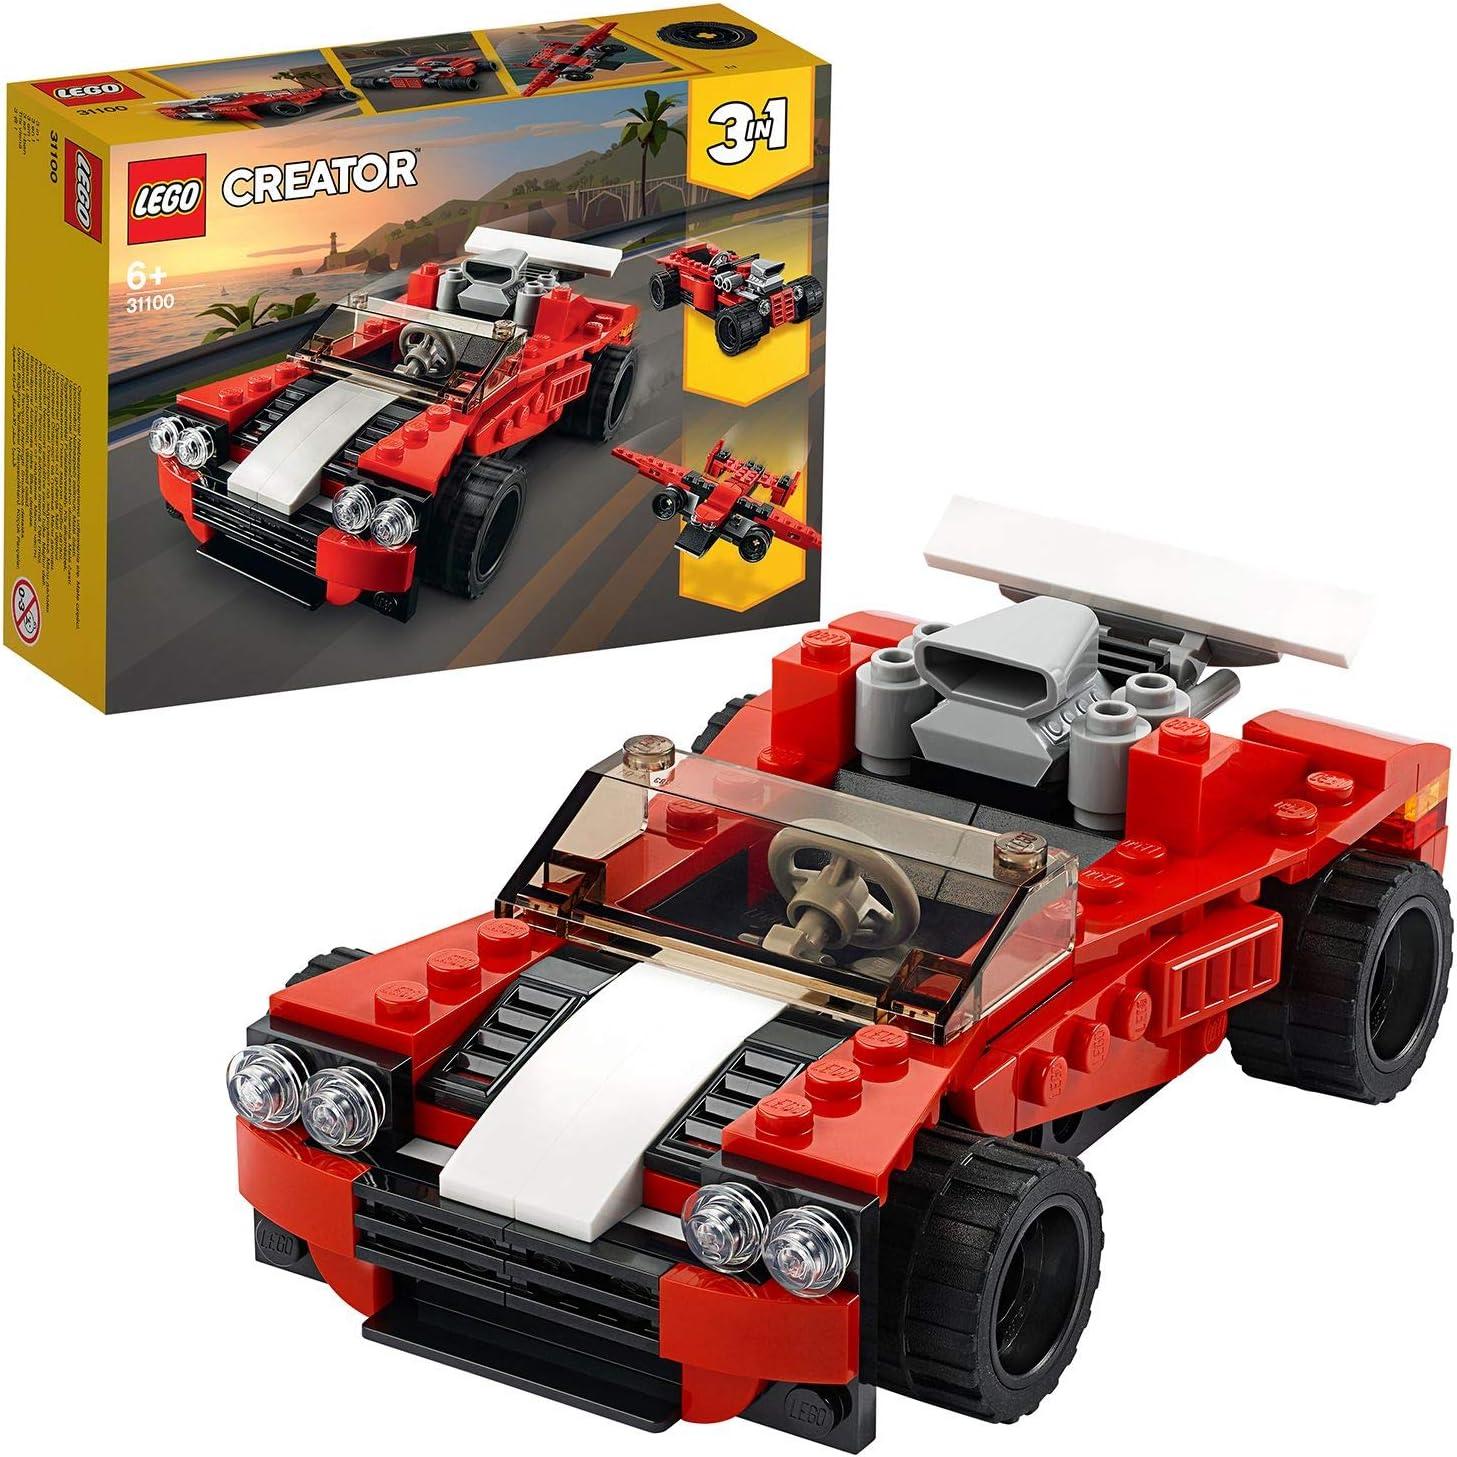 LEGO Creator - Deportivo, Juguete 3 en 1 de para Construir un Descapotable, un Coche de Aarreras y un Avión, Recomendado a Partir de 7 Años (31100) , color/modelo surtido